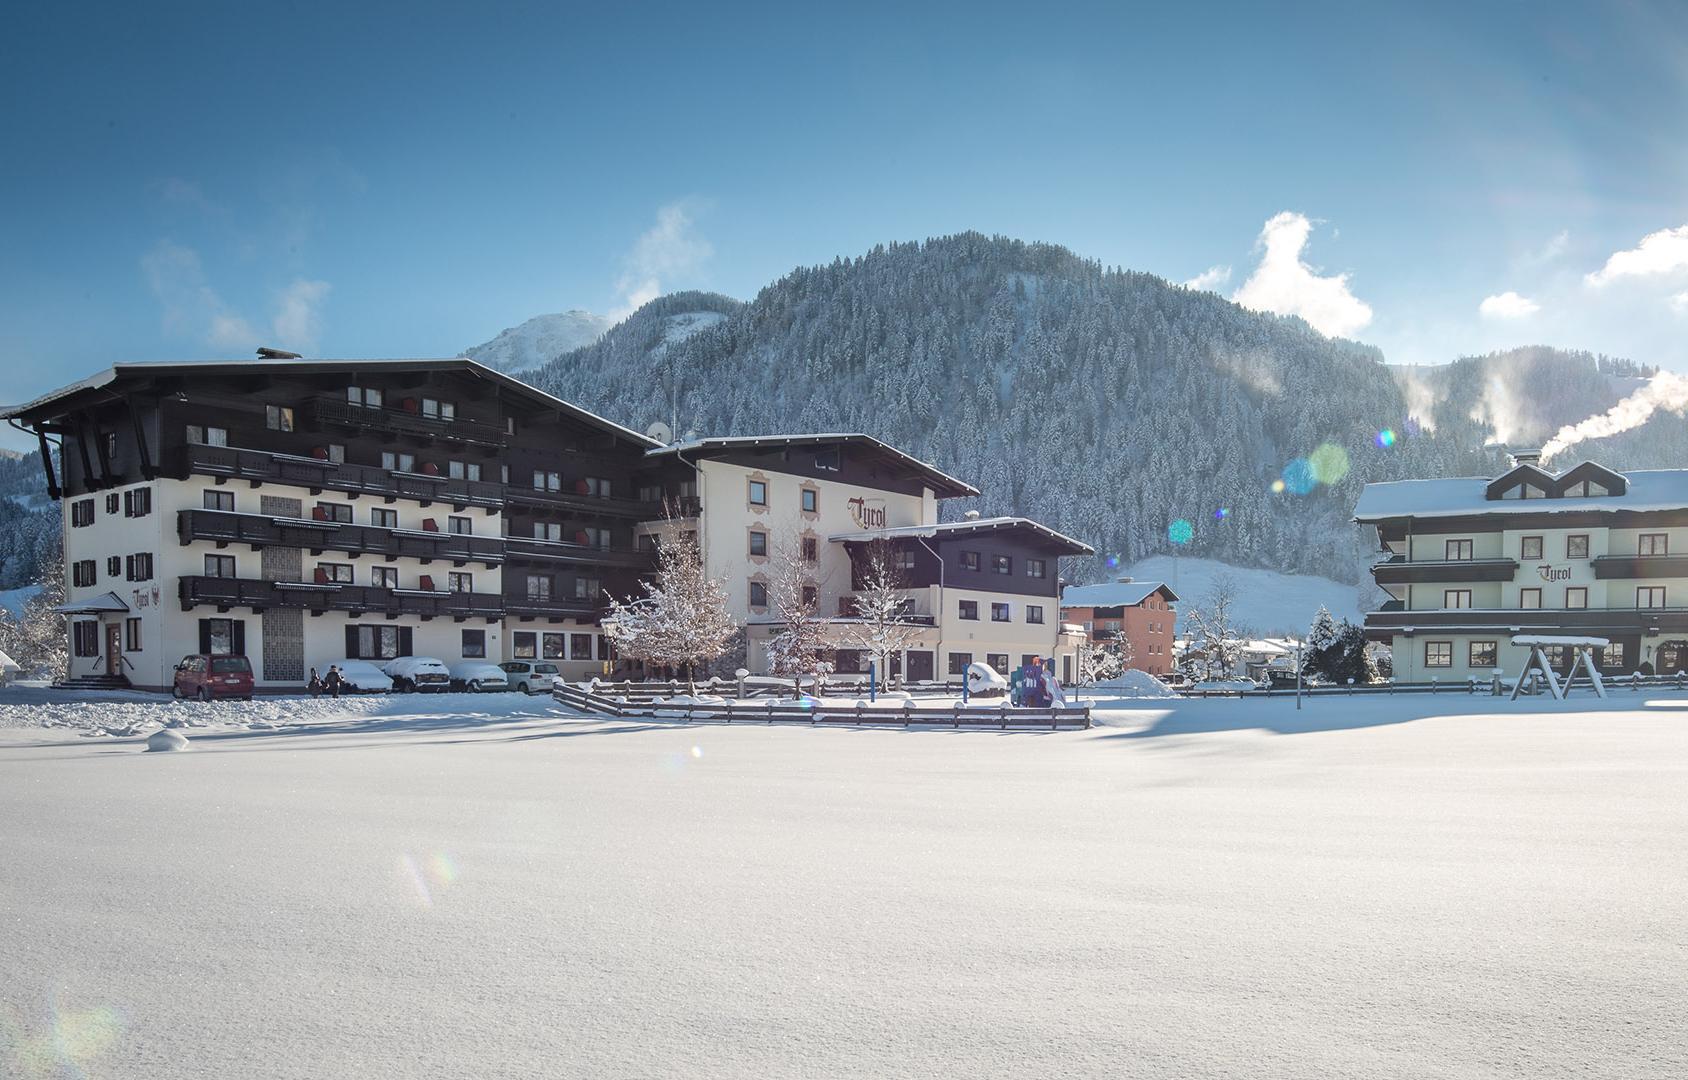 Meer info over Hotel Tyrol  bij Summittravel